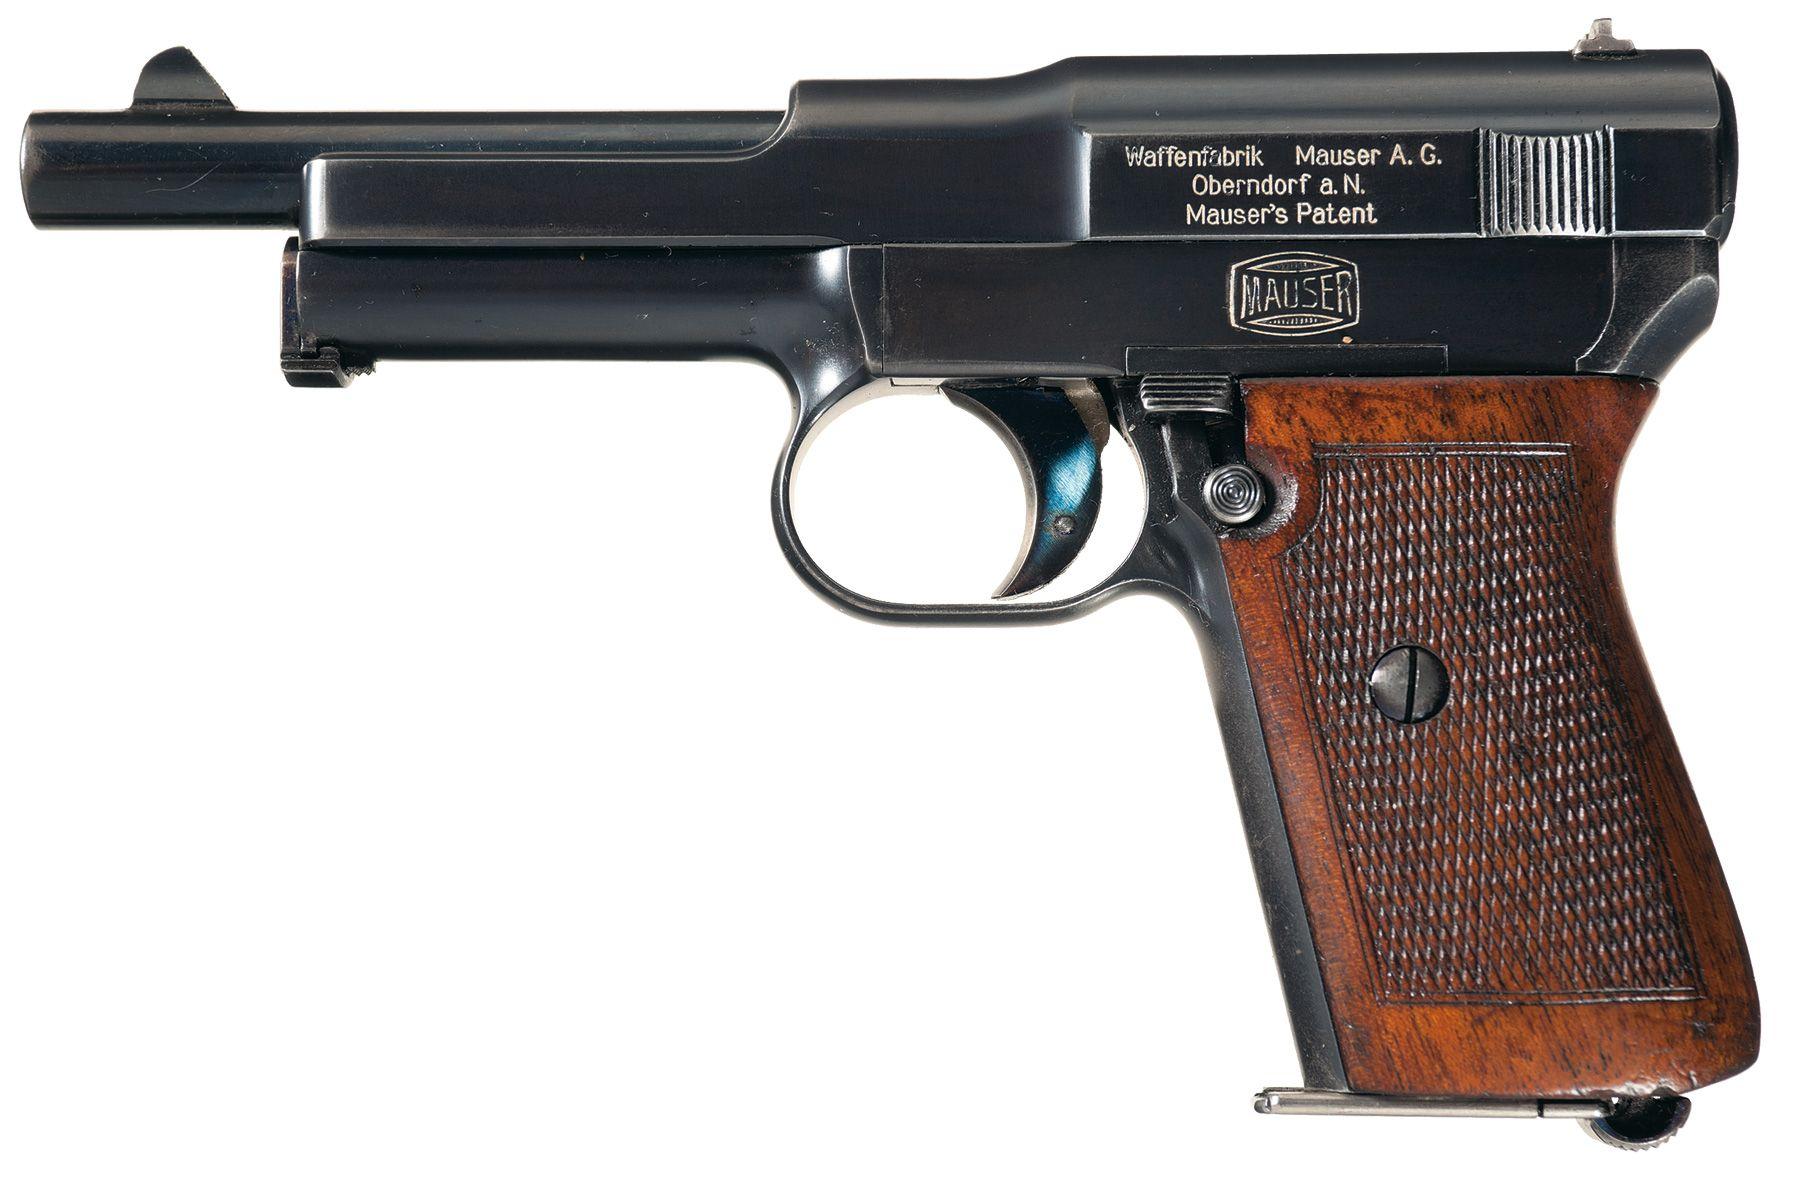 Mauser 1914 Pistol 7 65 mm   Bang 11   Pocket pistol, Hand